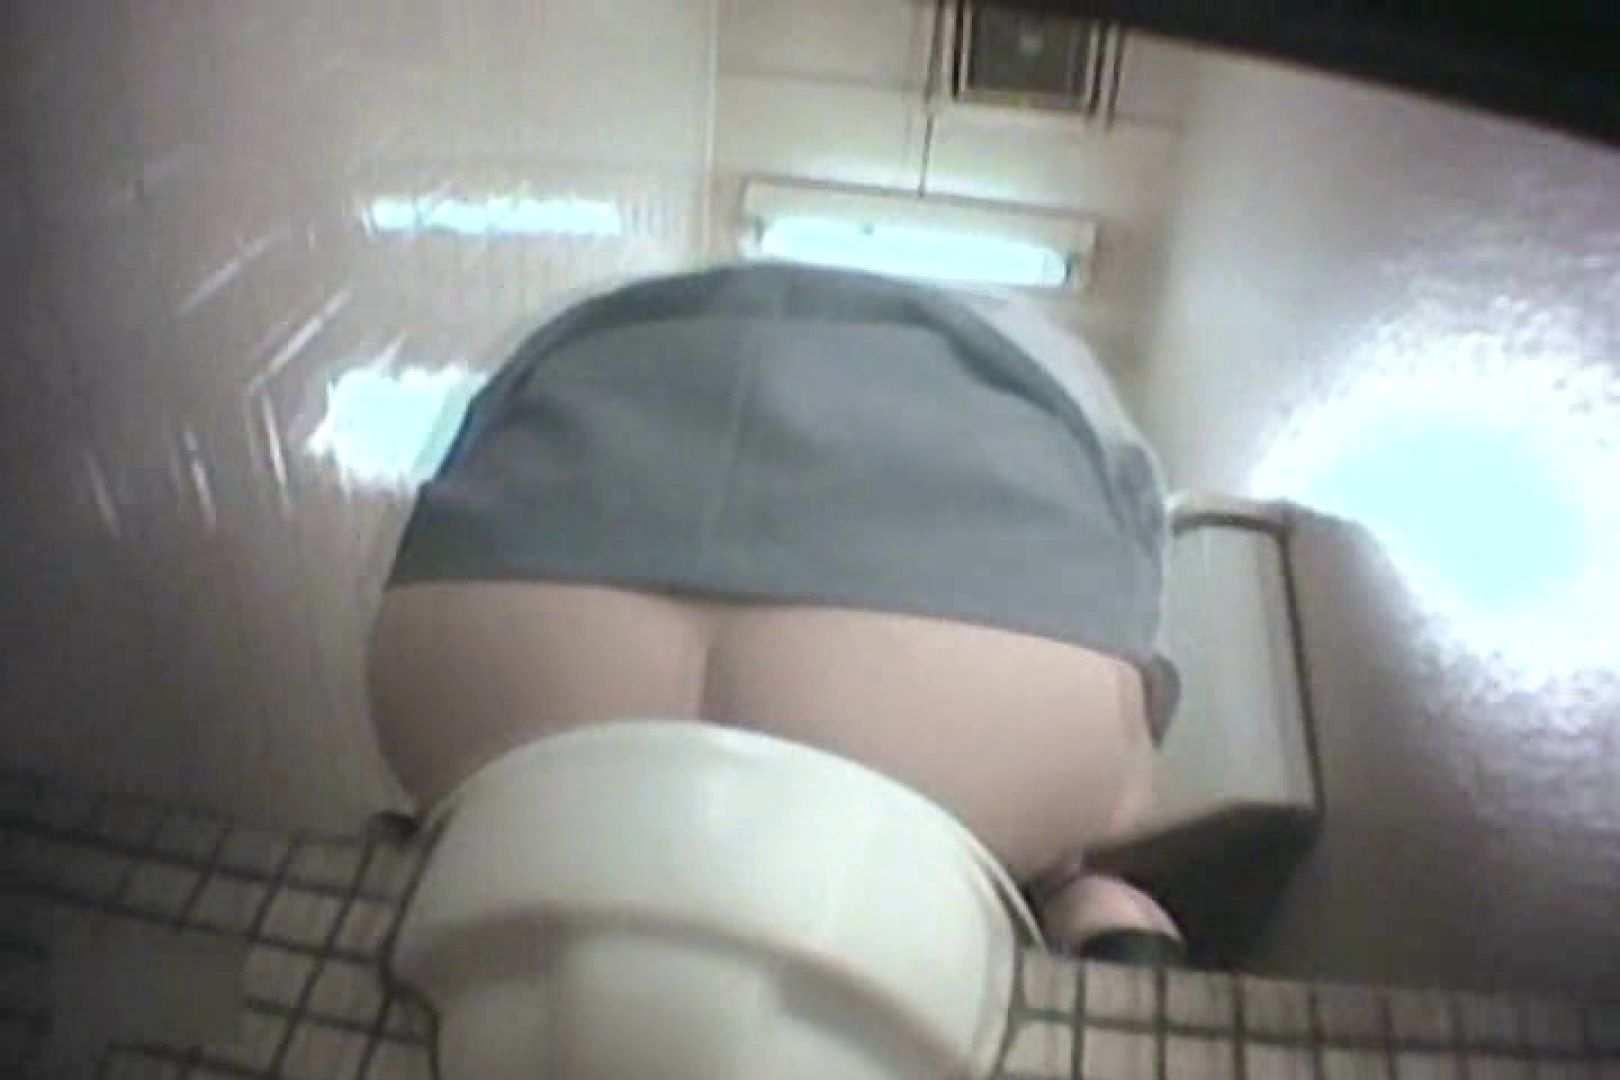 突撃!!看護学校女子洗面所!!Vol.7 エロティックなOL オマンコ無修正動画無料 65画像 12